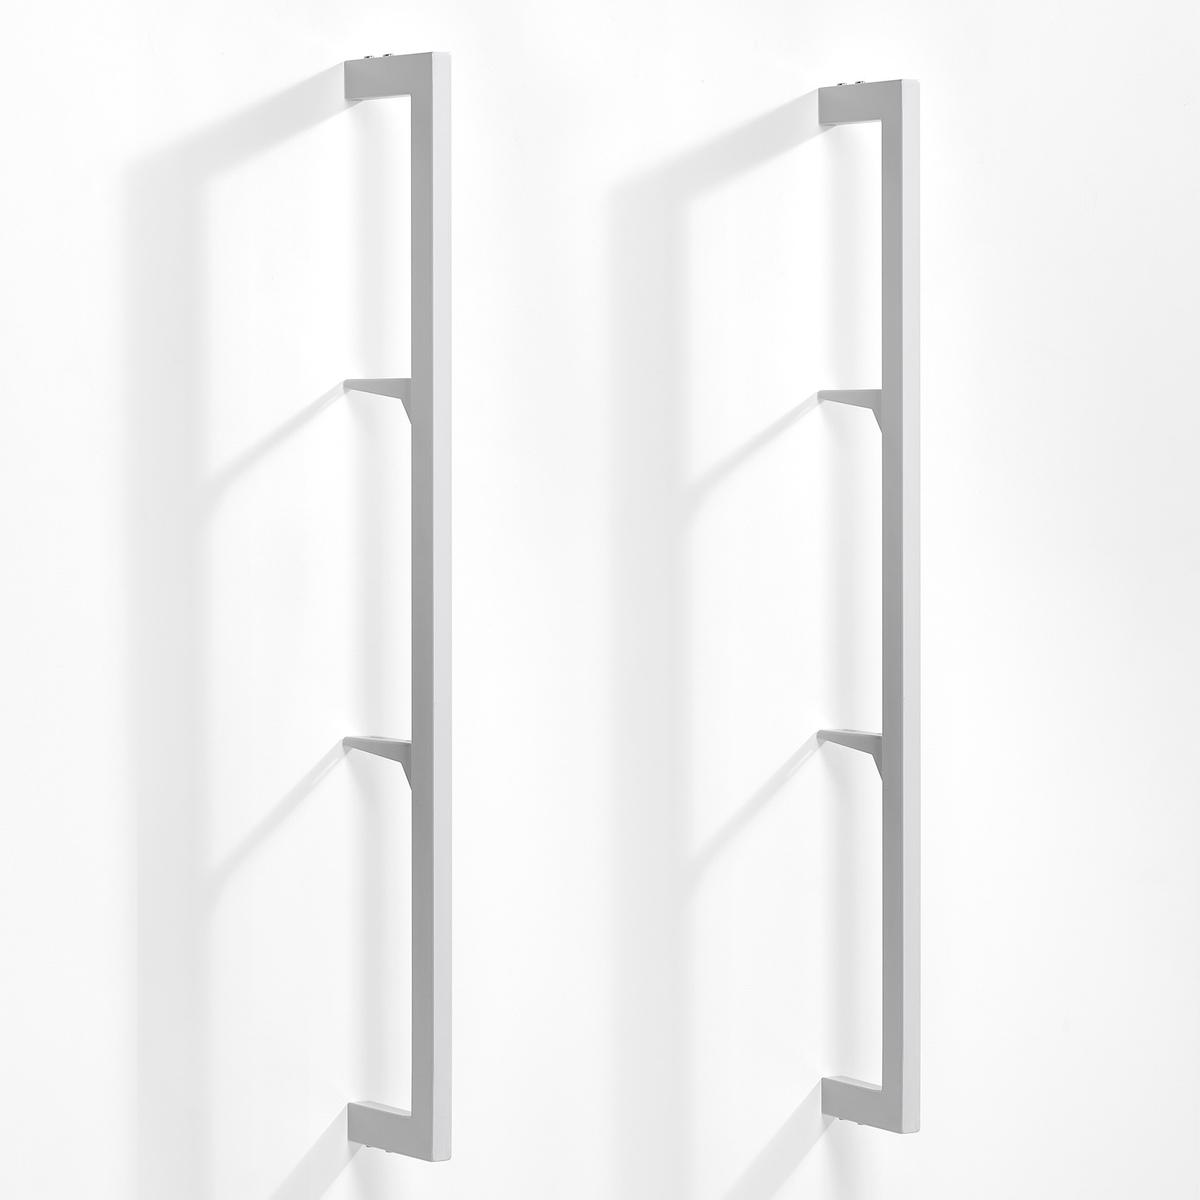 2 стойки Taktik для системы хранения вещейКомплект из 2 стоек Taktik. Модулируемая система полок с минималистичным дизайном, созданная для всех типов пространств и на любой взыскательный вкус . Угловые кронштейны позволяют регулировать высоту полок и ящиков на ваше усмотрение.Характеристики:- Металл с эпоксидной отделкой.- Система верхних креплений (винты продаются отдельно).- Стойки, уголки, полки и ящики продаются отдельно.Размеры :- Ш.2,5 x В.110 x Г.16 см.<br><br>Цвет: белый,черный